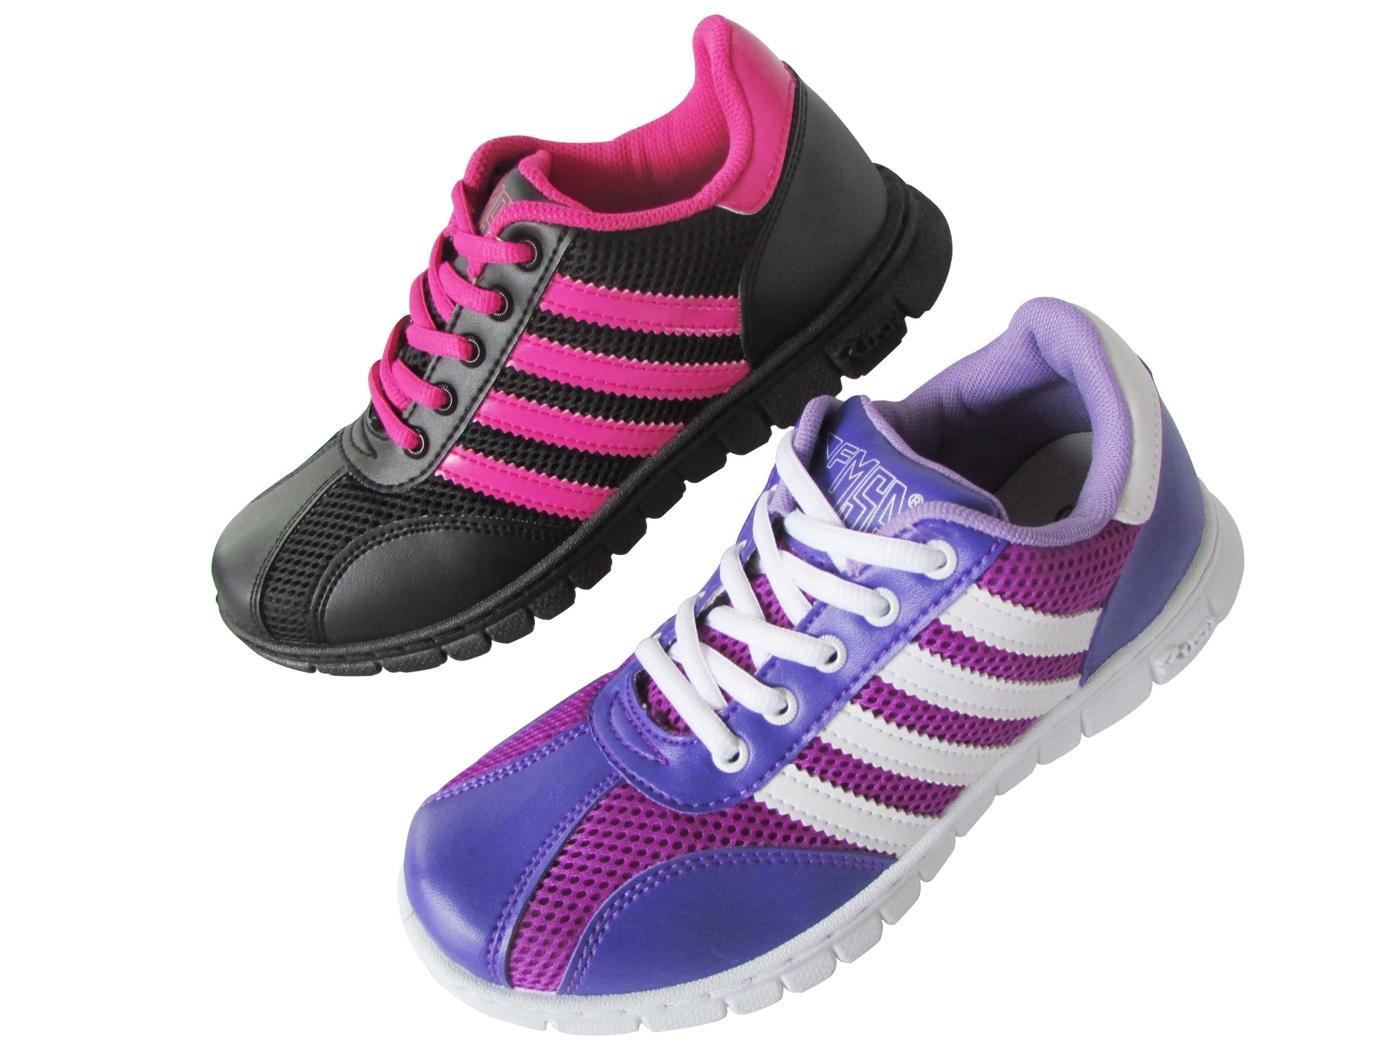 『雙惠鞋櫃』 ◆街頭風女運動休閒鞋◆台灣製造◆  (F6601) 白紫、黑桃